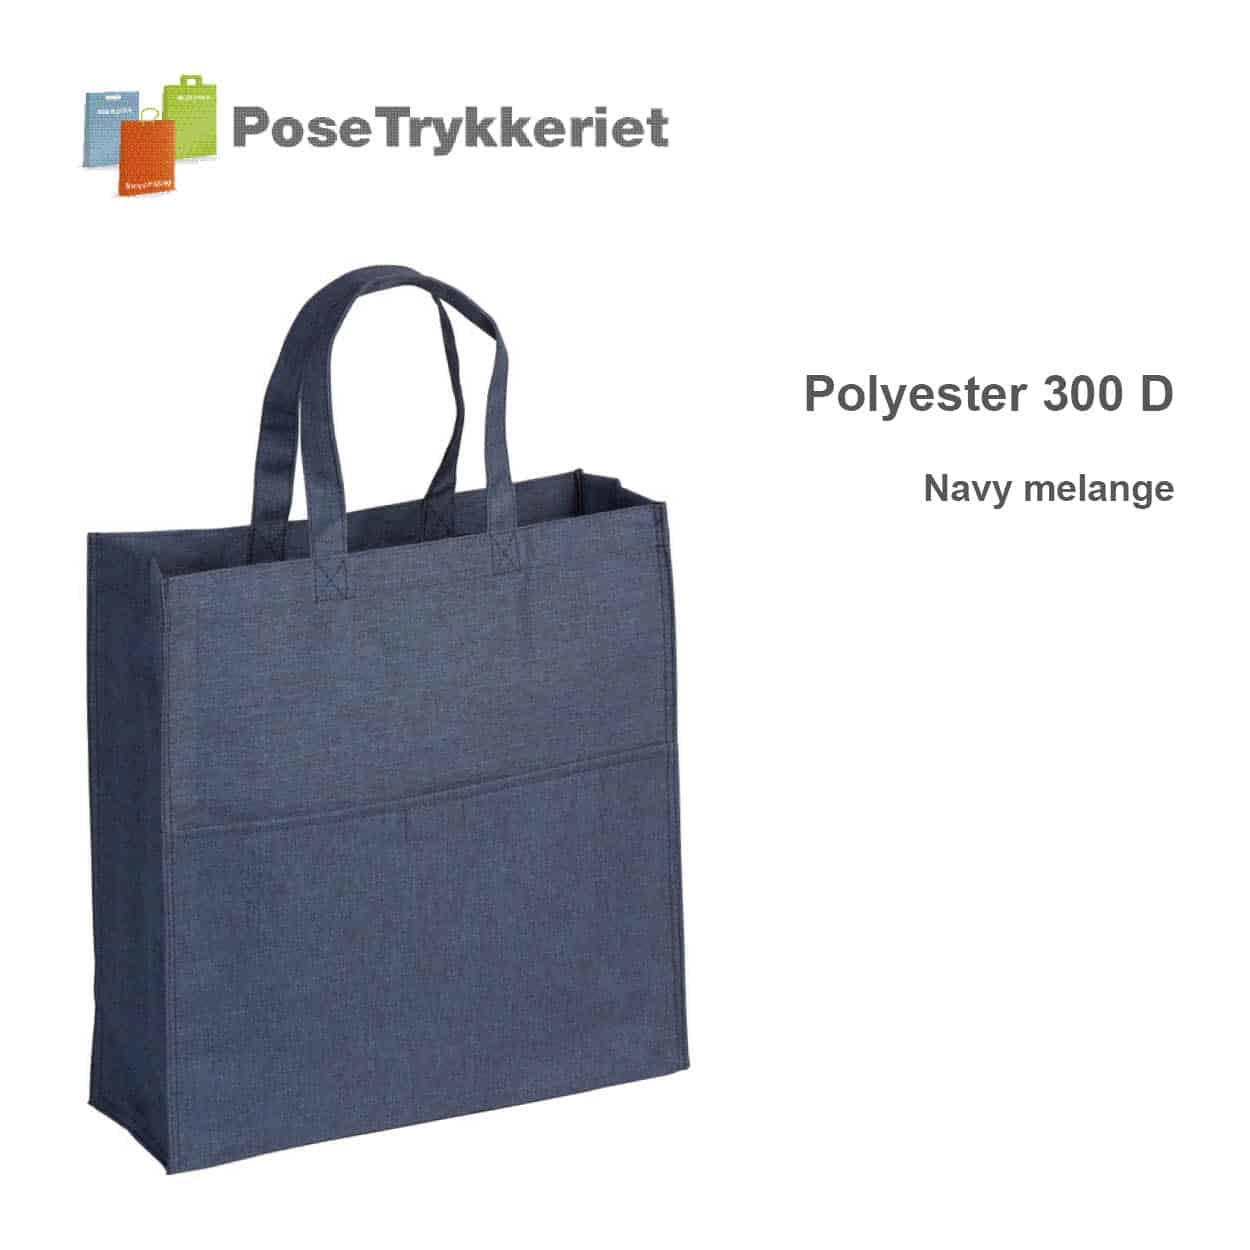 Revisor poser polyester 300D. Navy melange, PoseTrykkeriet.dk